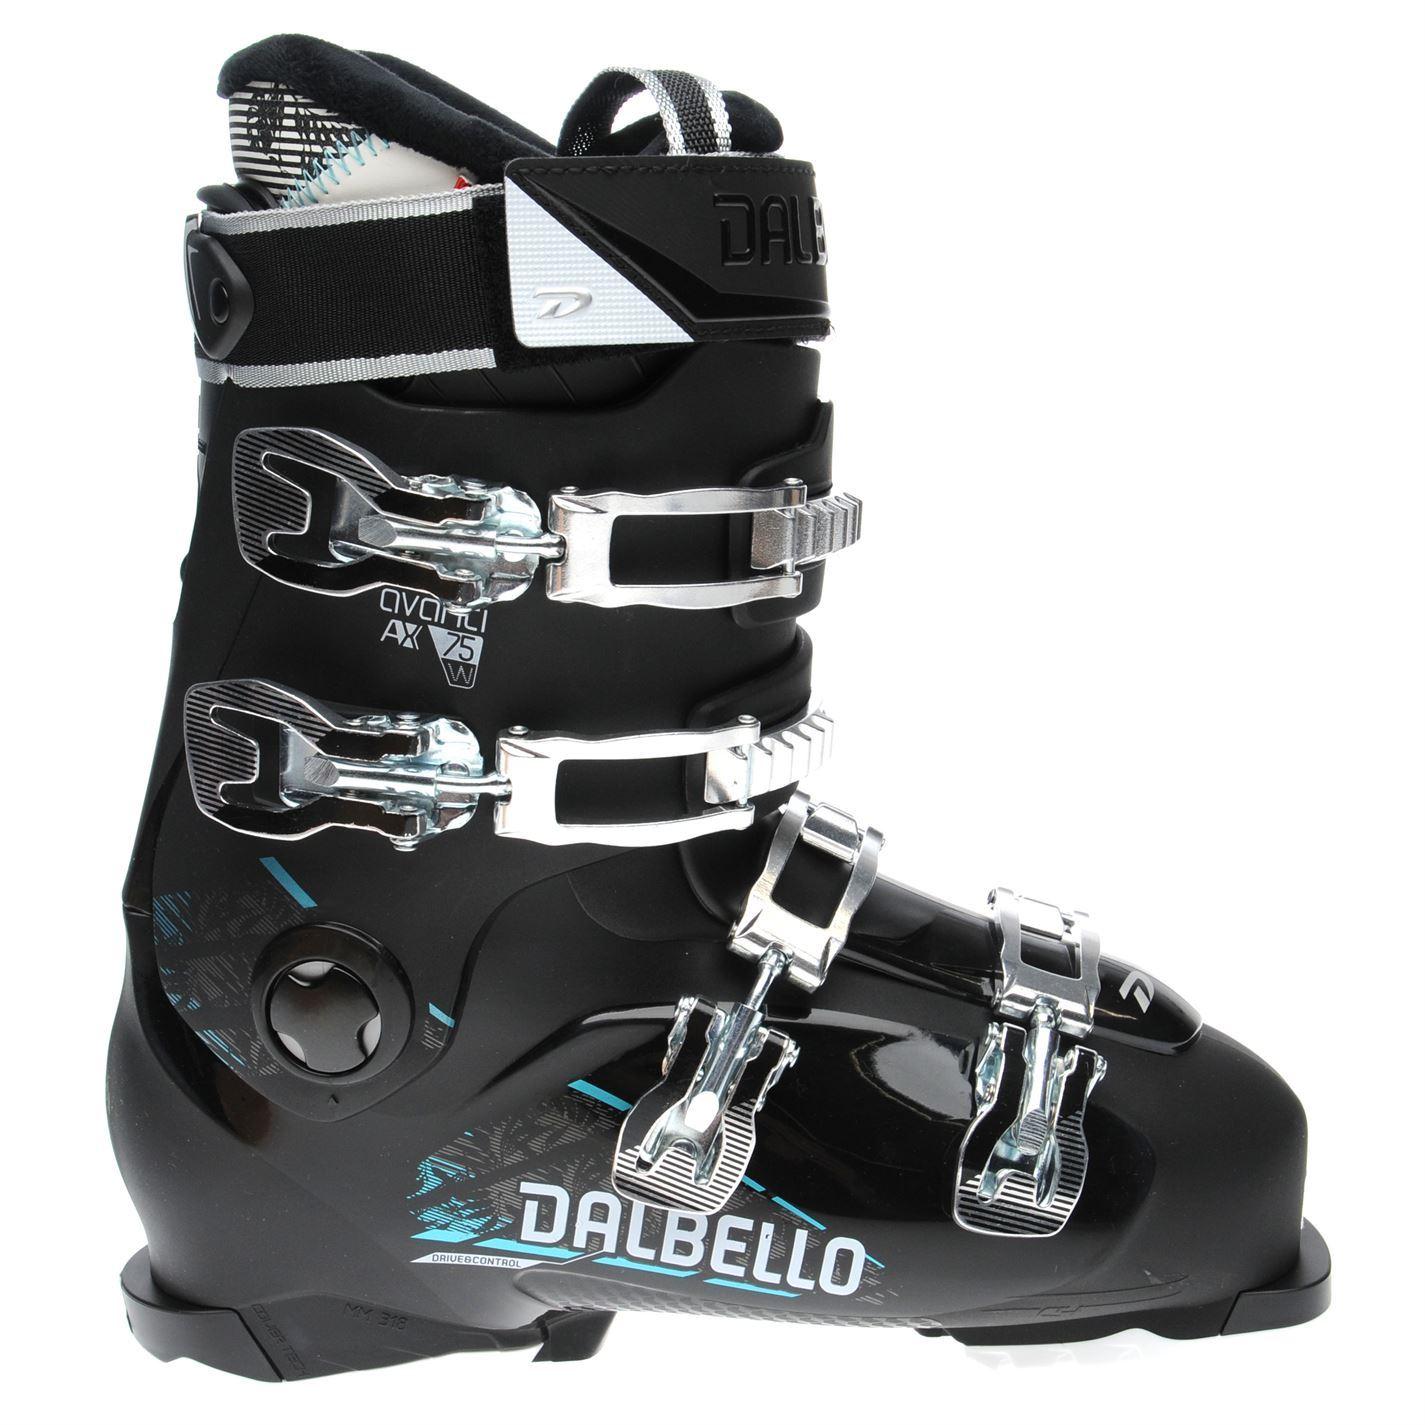 Dalbello-Womens-Avanti-75-Ski-Boots-Buckle-Warm